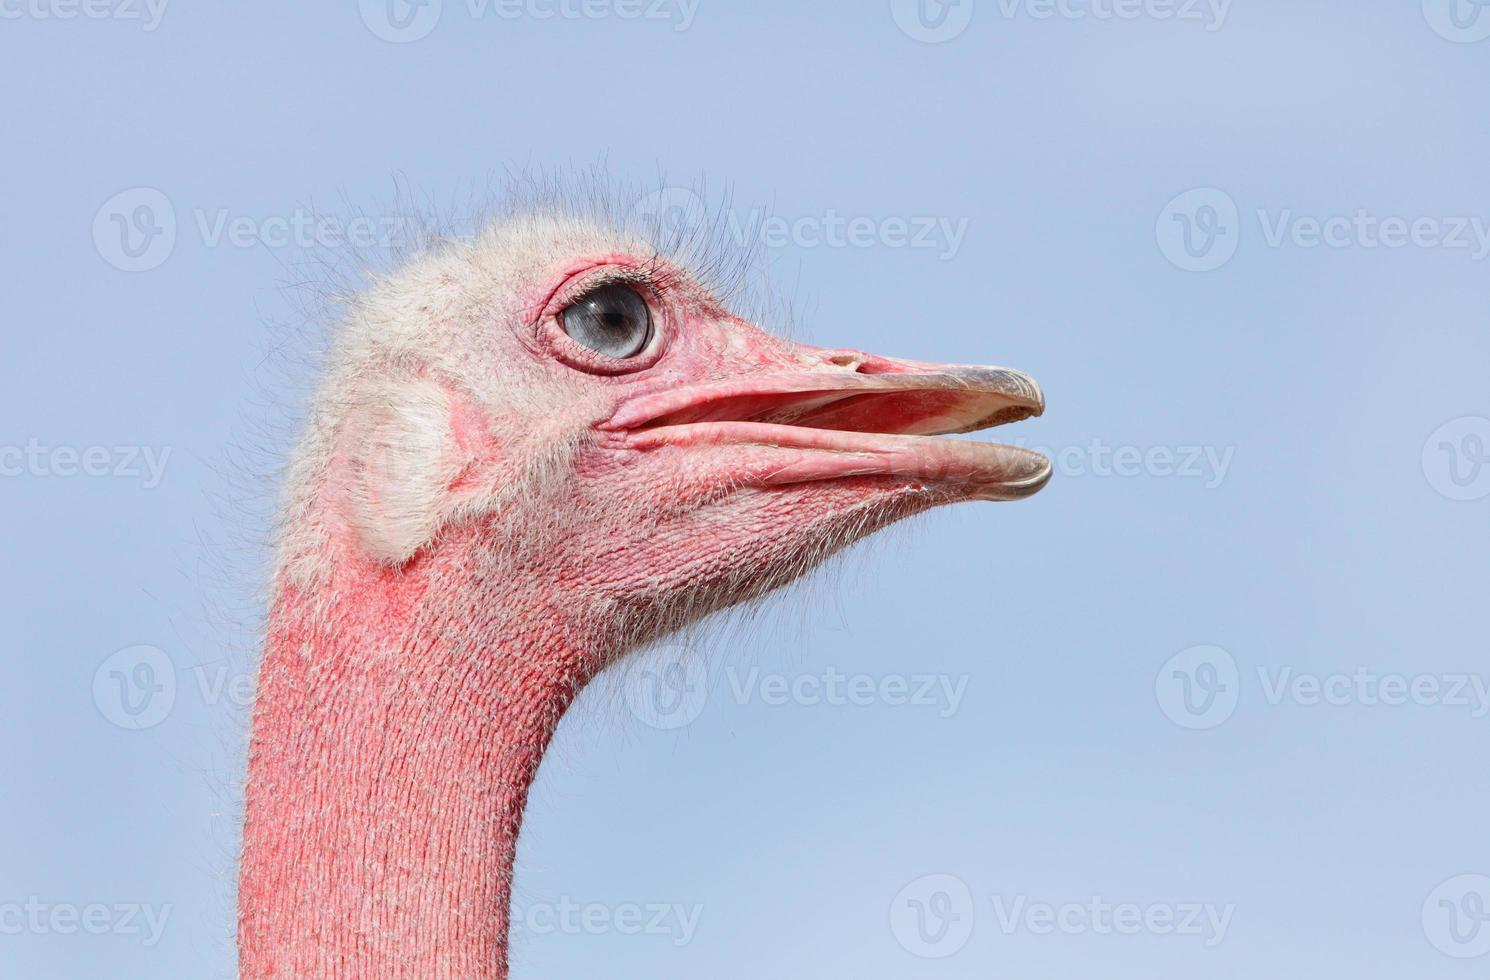 zijaanzicht van de rode struisvogel foto